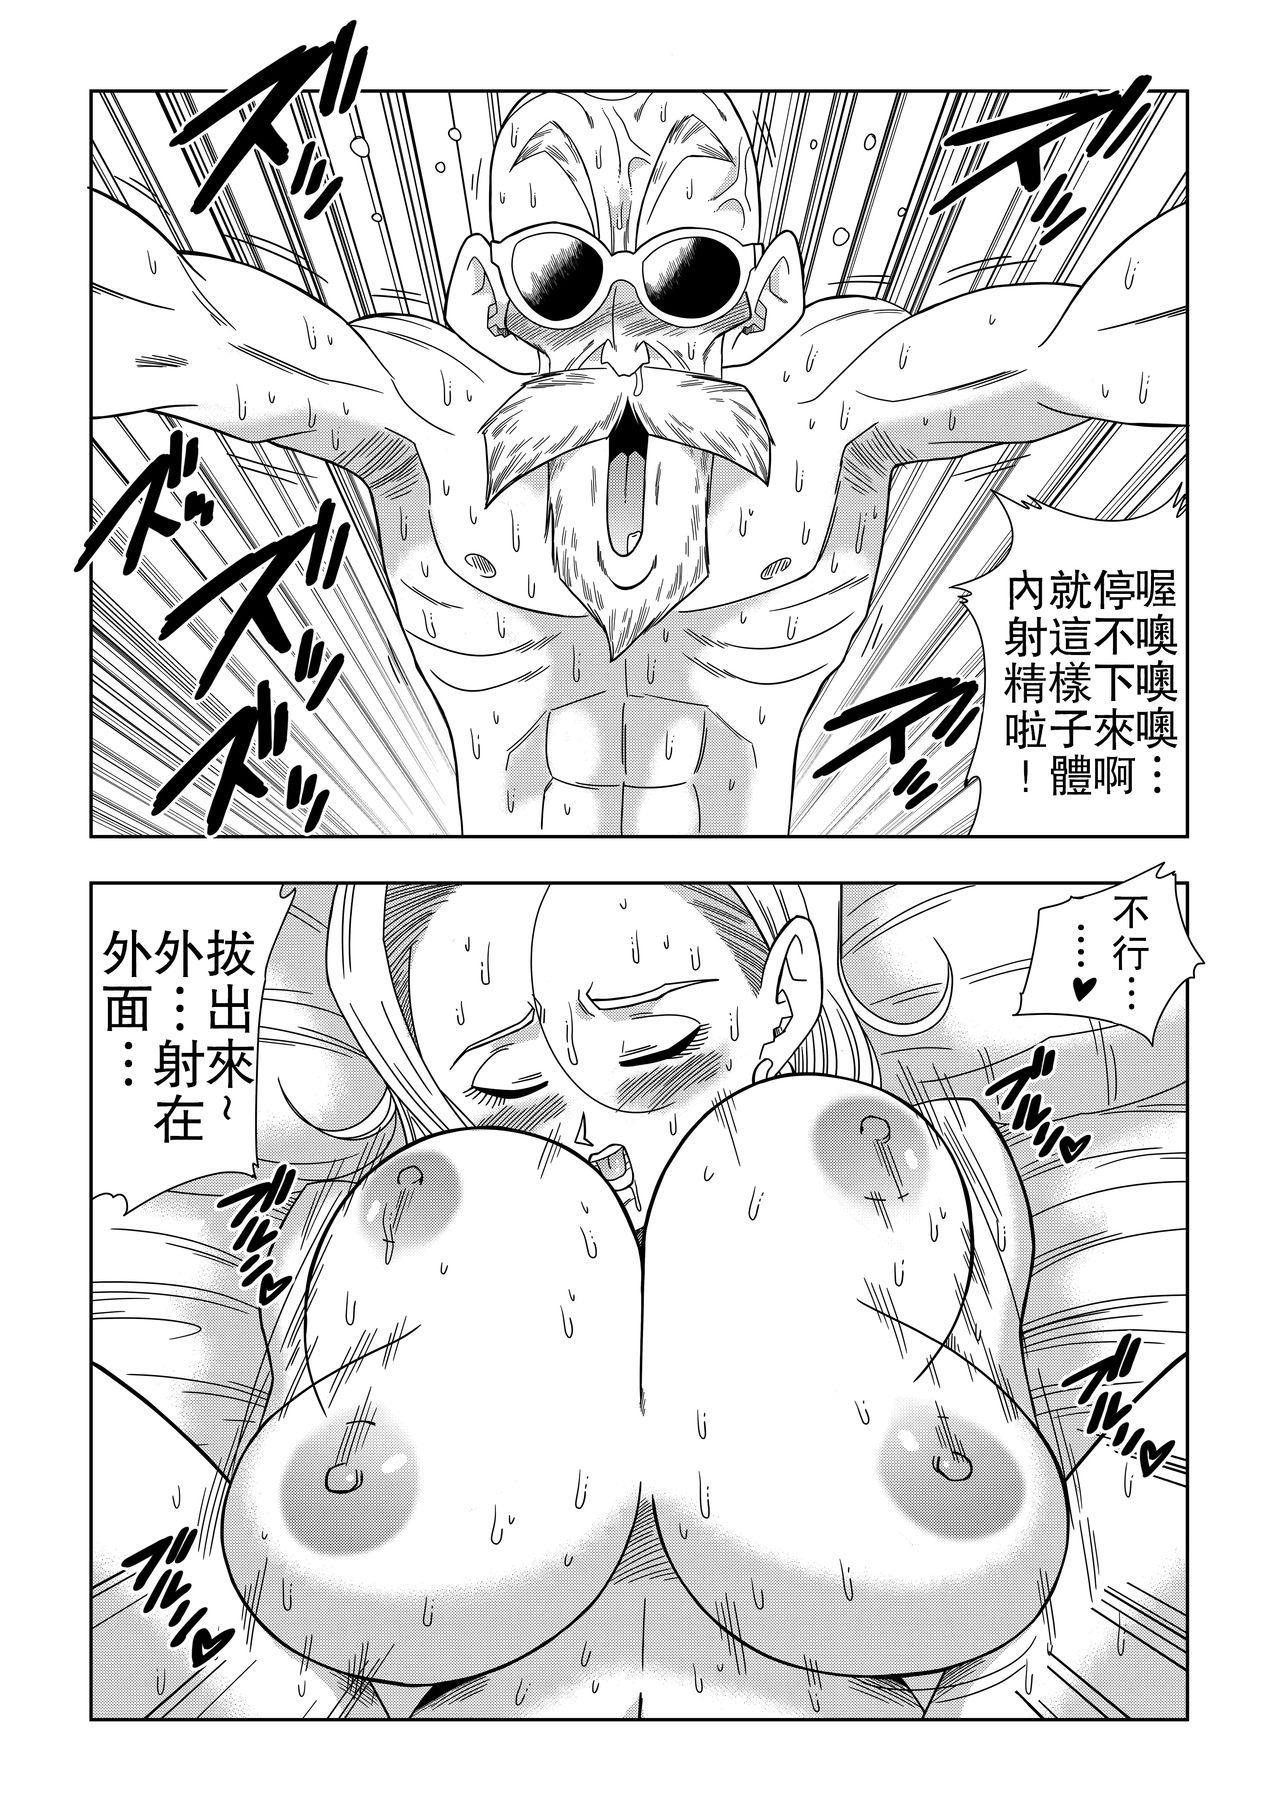 18-gou vs Kame Sennin 18